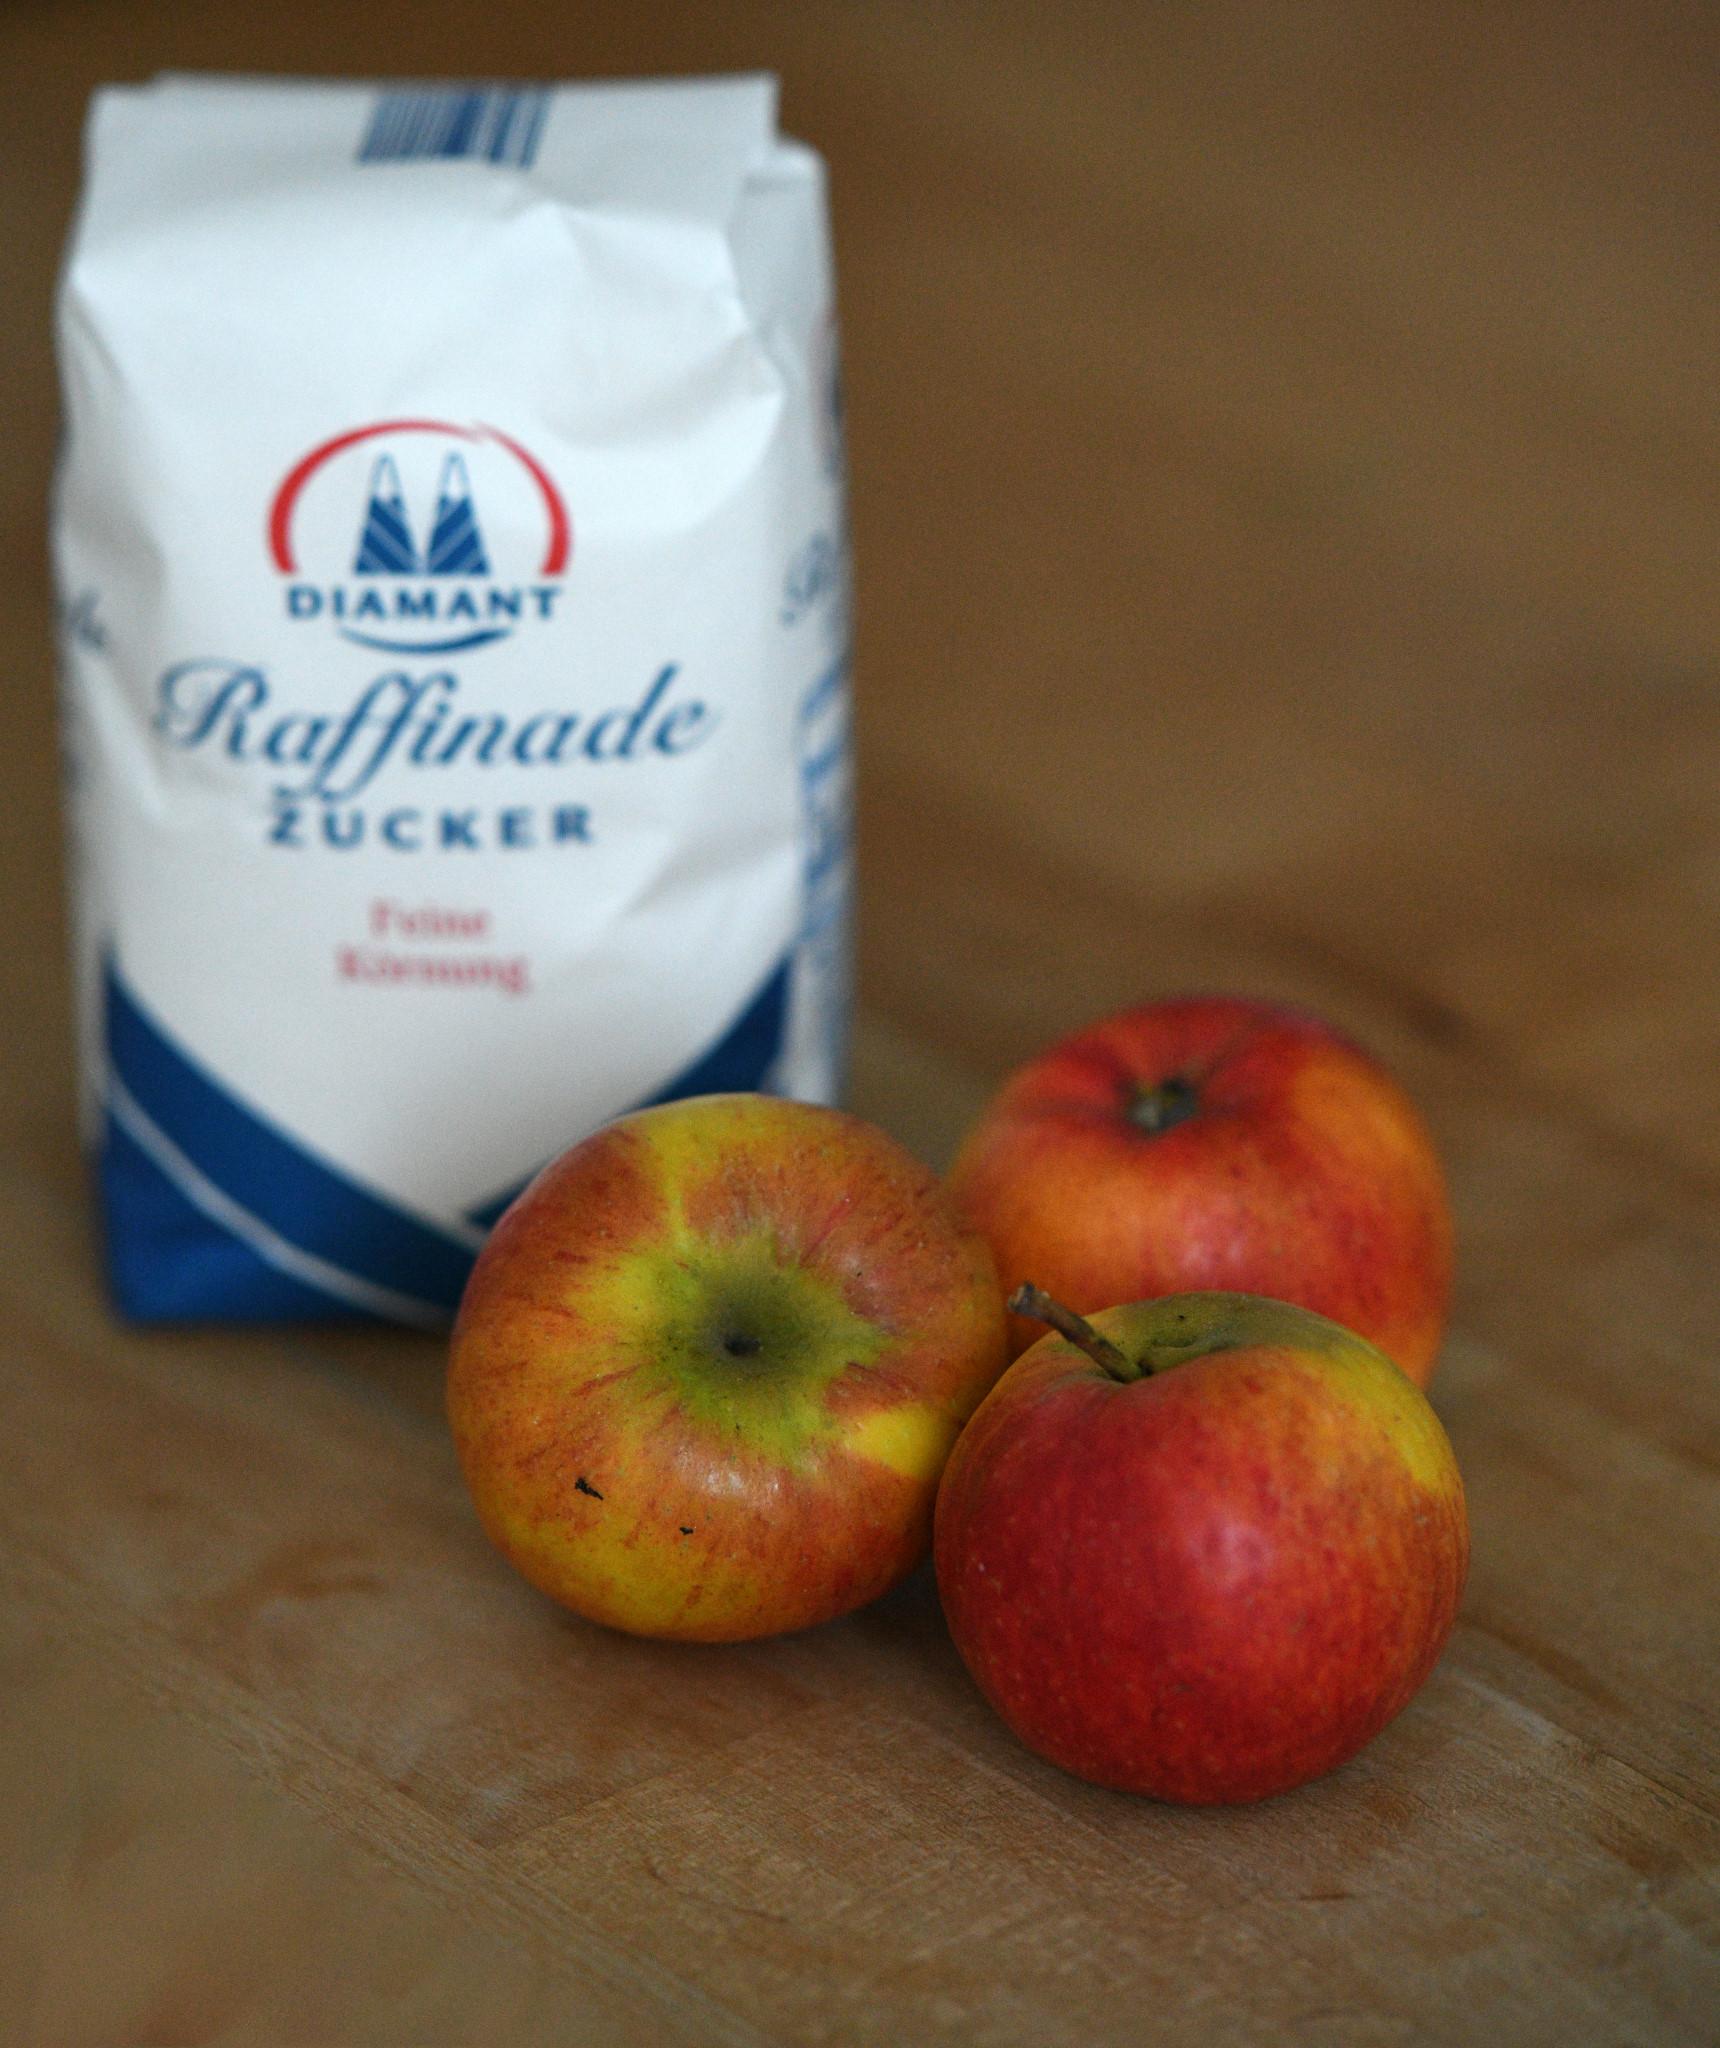 Gesunde Ernährung am Beispiel. Die natürlich gewachsene, essbare Frucht enthält alle Stoffe, die der Körper zu ihrer Verdauung braucht. Dem reinen Zucker zum Beispiel fehlt alles, was einen Apfel gesund macht. Zucker, macht körperlich und seelisch krank und hemmt die Entwicklung von Kindern zu gesunden Erwachsenen.